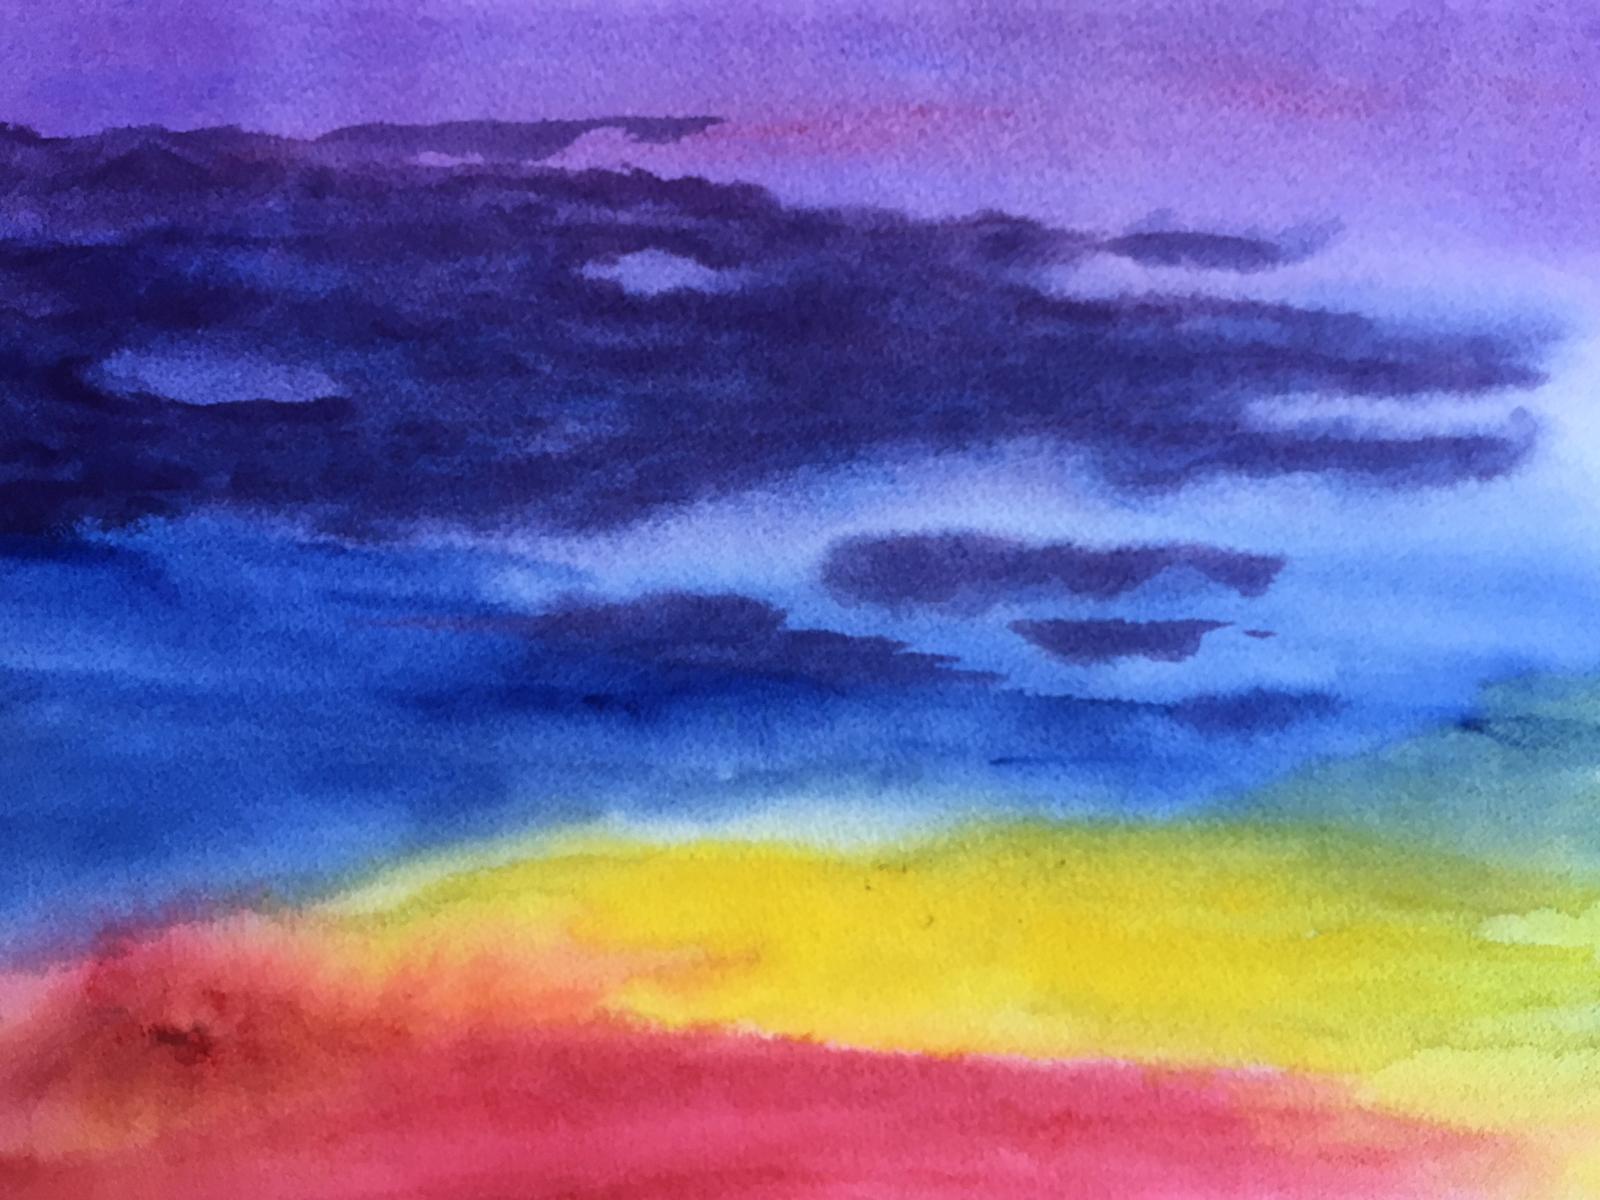 Chakra Clouds 7